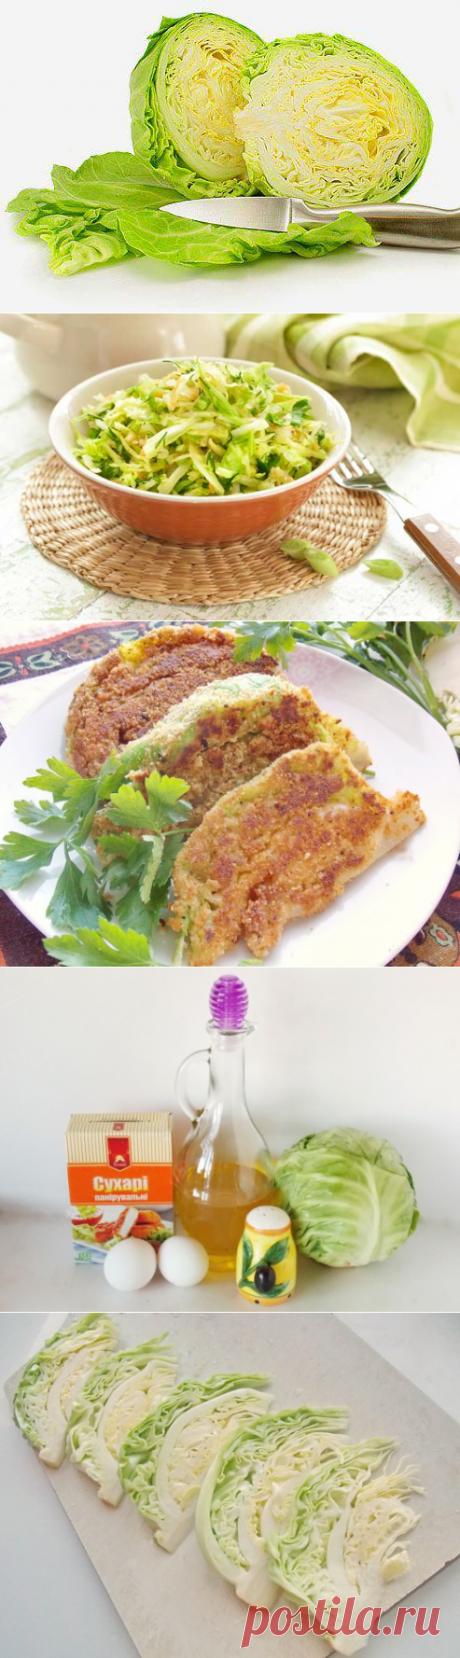 Что приготовить из молодой капусты – идеи вкусных блюд | Четыре вкуса